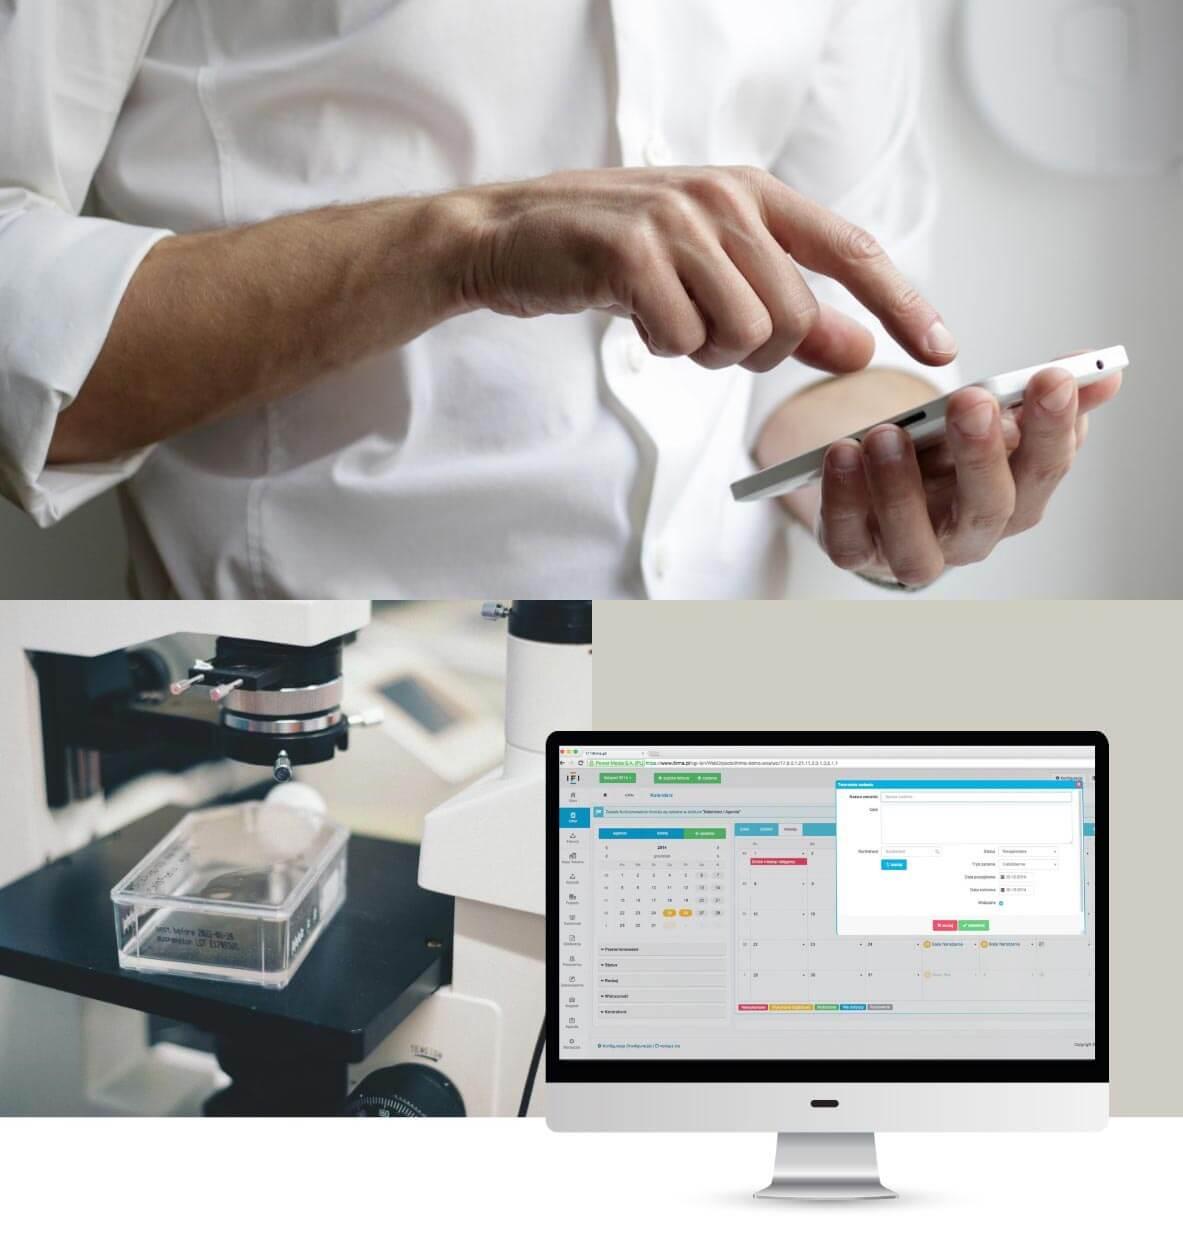 Softwareentwicklung für die Medizintechnik